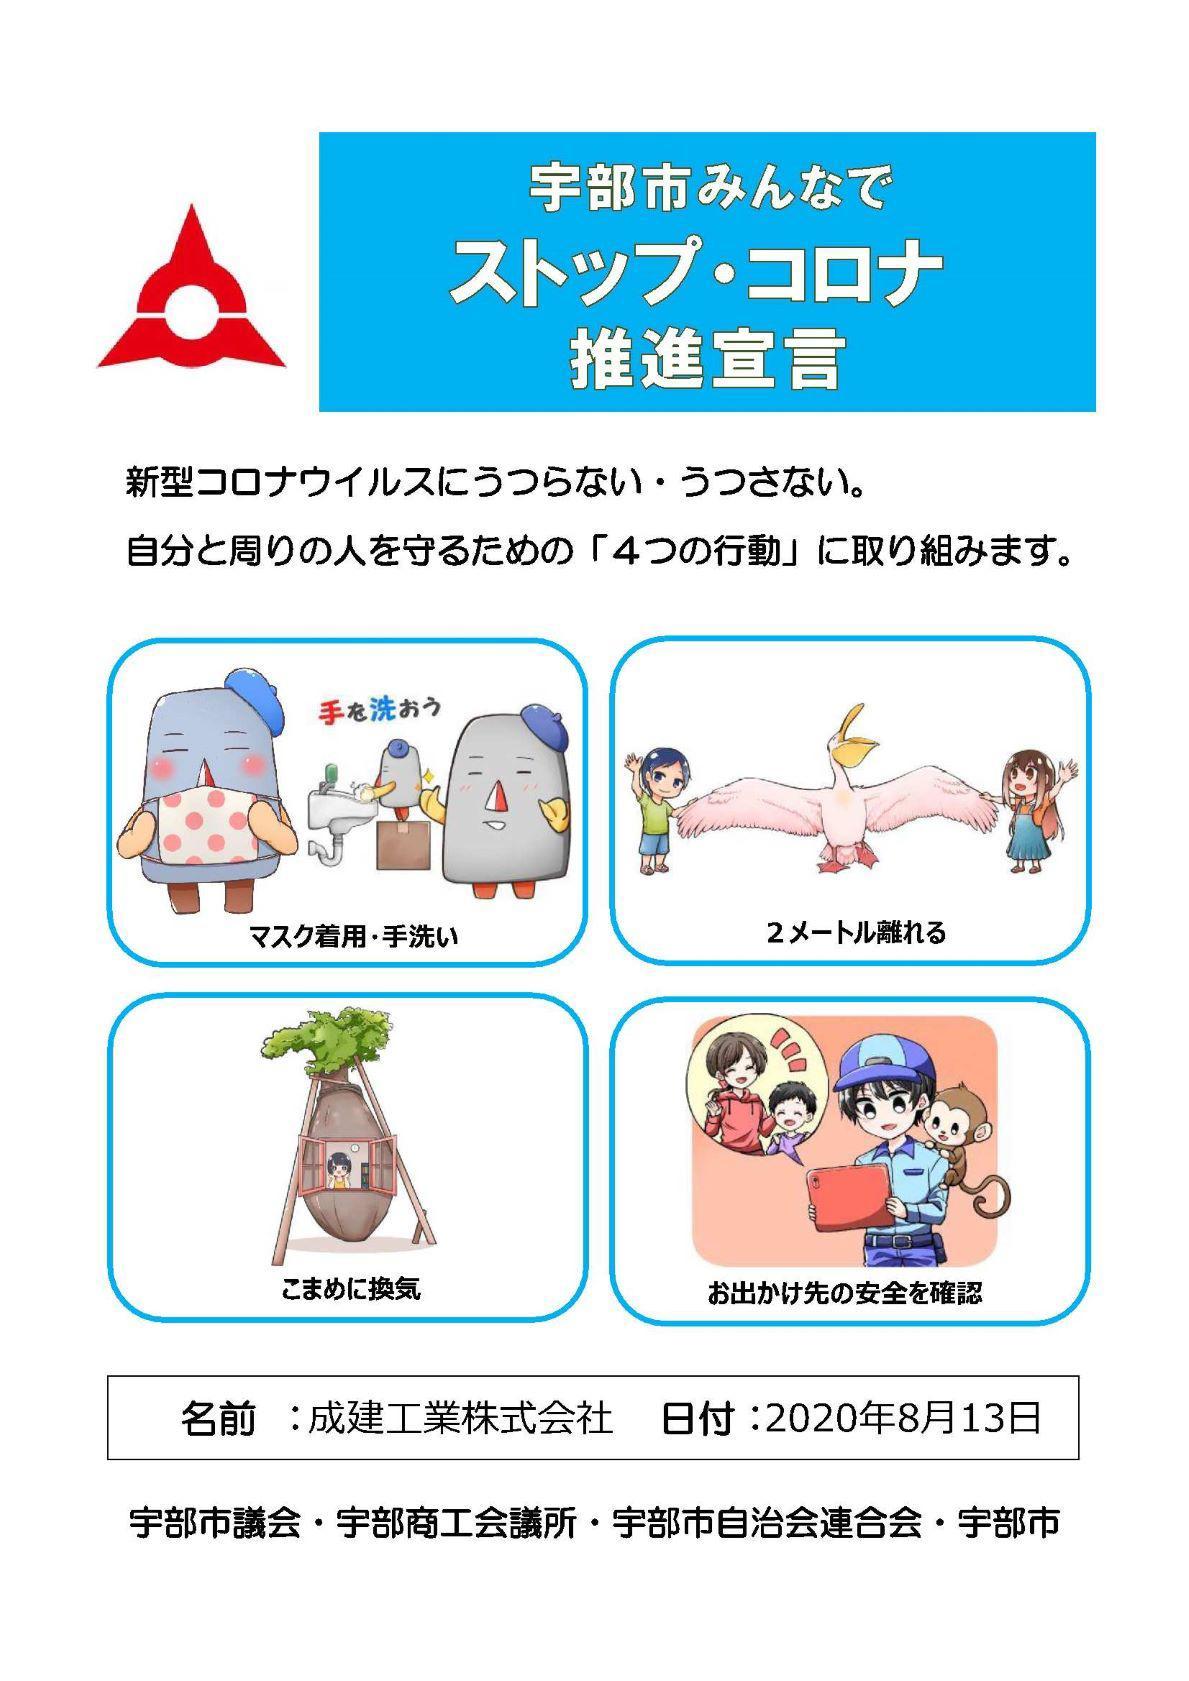 03_宣言書【宇部市みんなでストップ・コロナ推進宣言】_HP.jpg